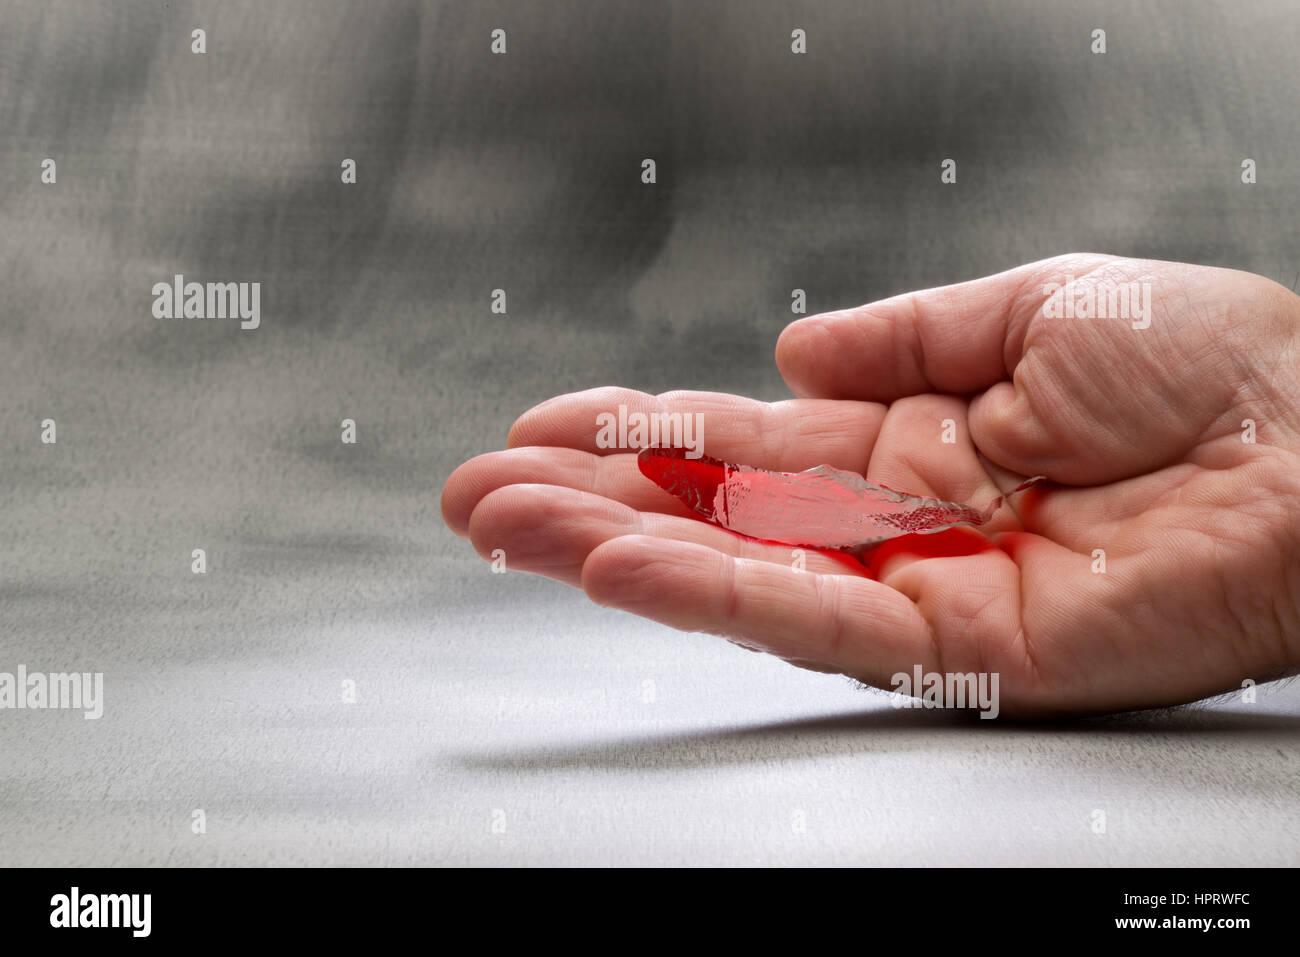 Fortune erzählt Fisch. Ort auf der Handfläche und es reagiert auf unterschiedliche Weise, je nach Ihrer Stockbild